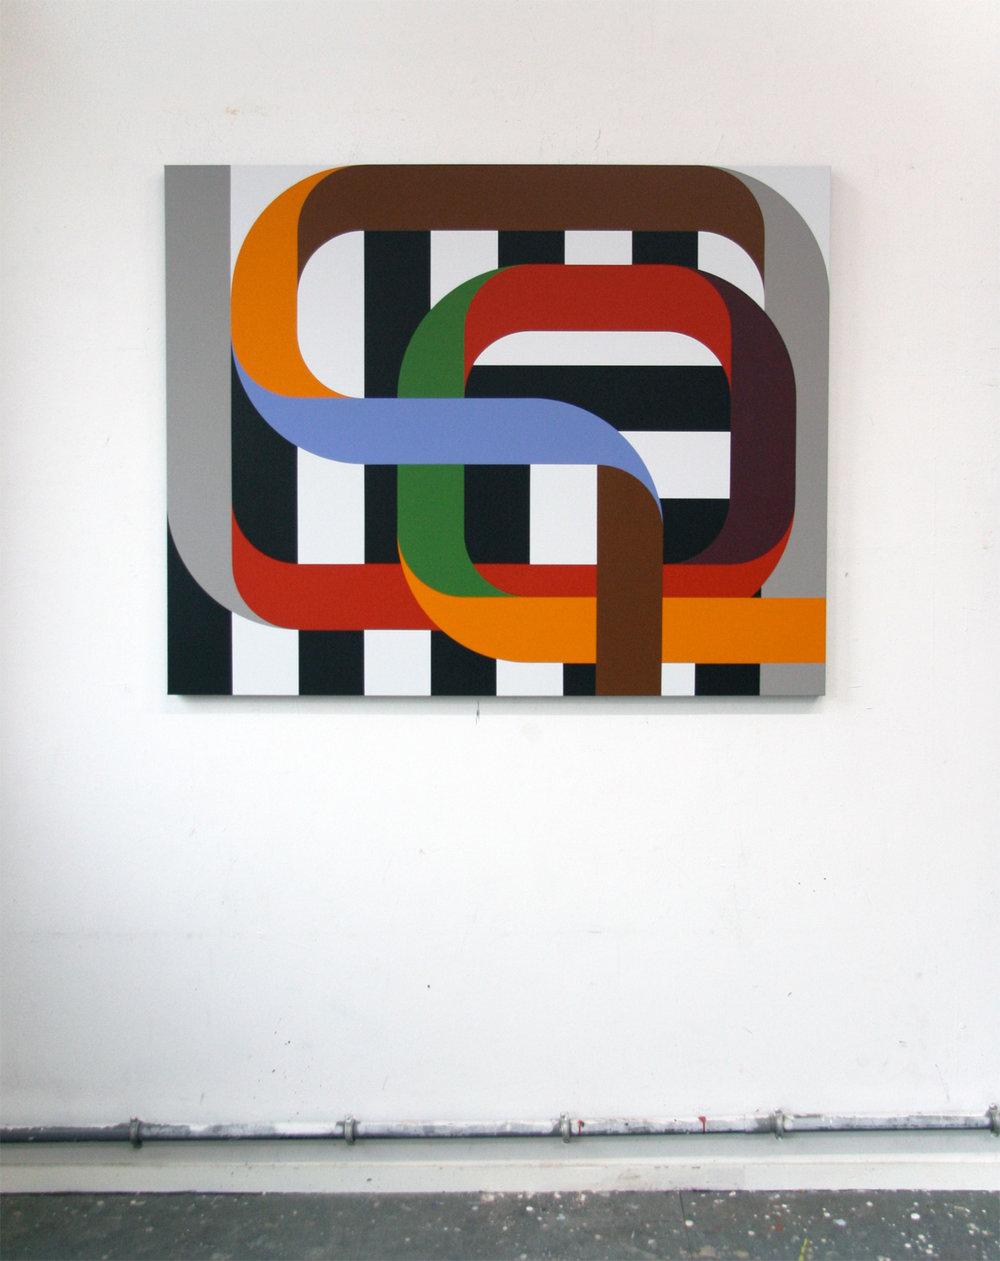 CROSSINGS 6   Colored bands in open fields 1 150 x 120 x 4,5 cm Acrylic on canvas 2018     ropp schouten